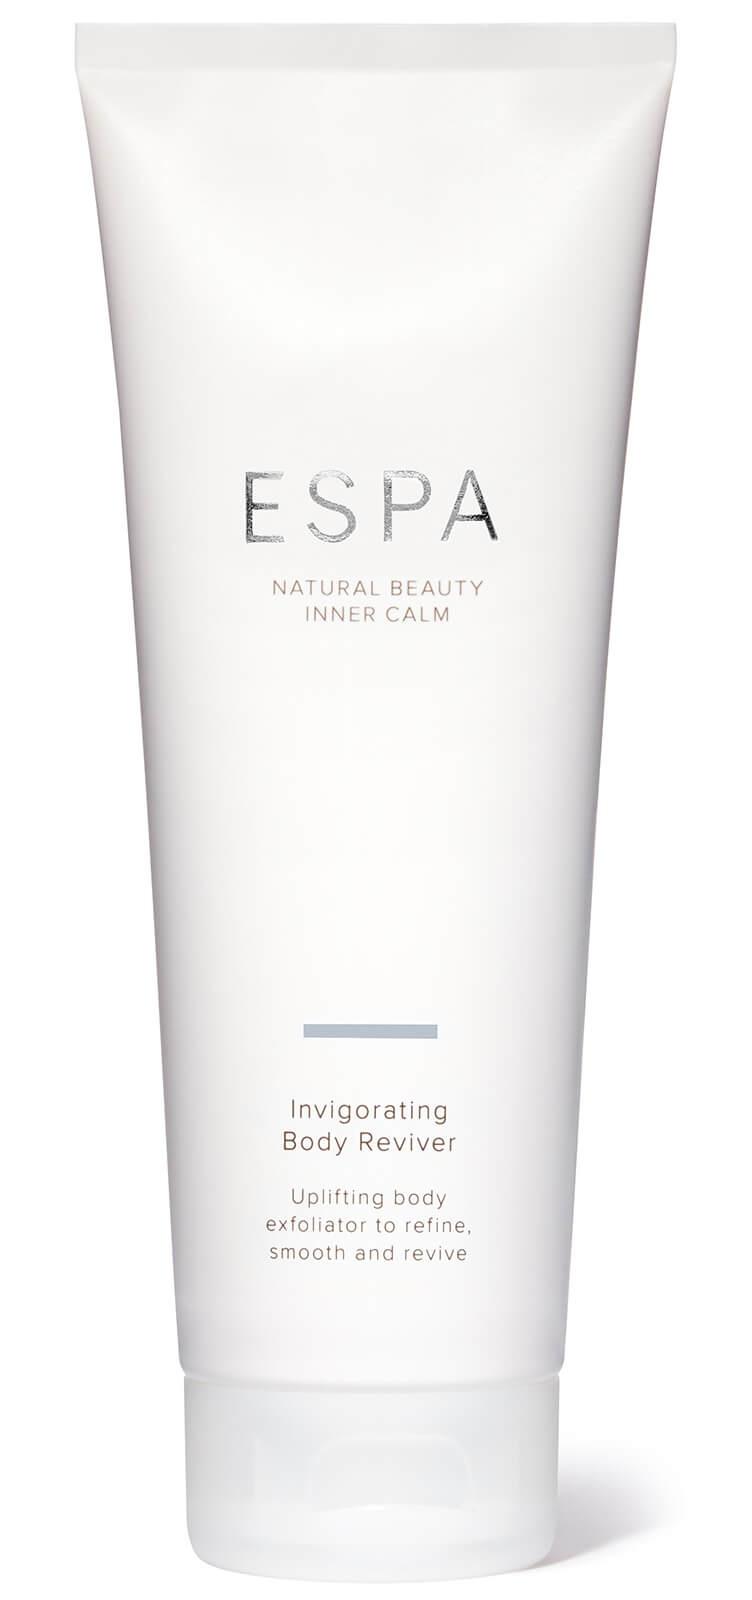 ESPA Invigorating Body Reviver